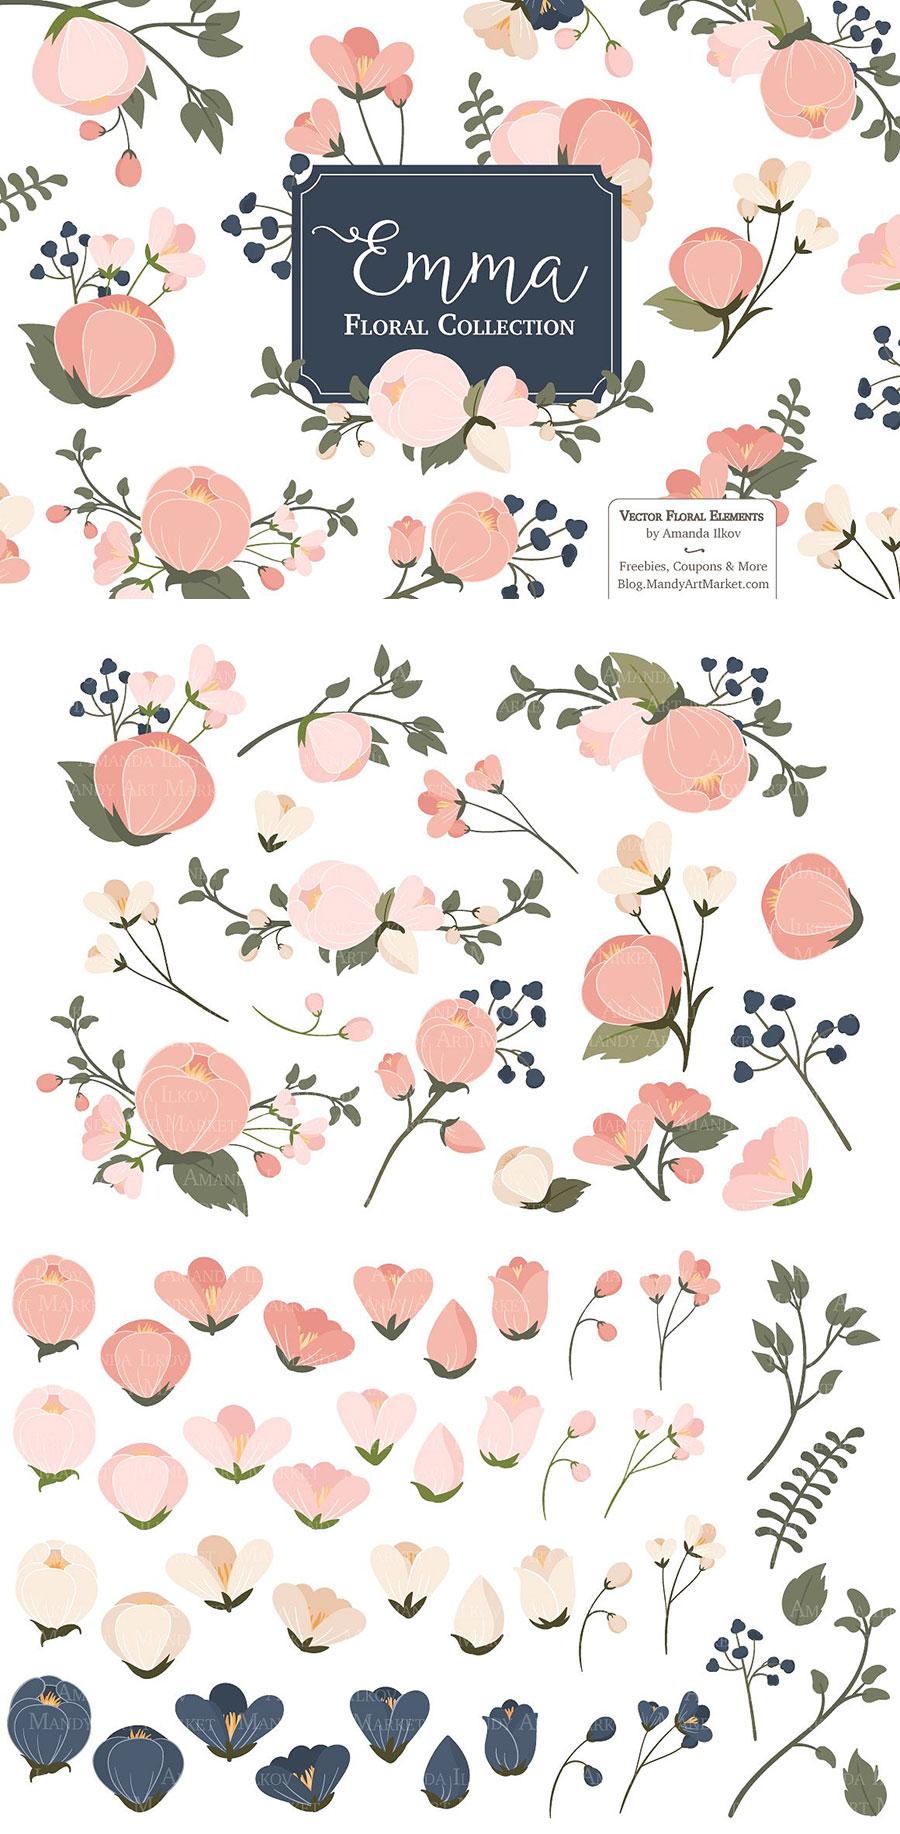 粉红的花卉矢量装饰素材下载[Ai]设计素材模板